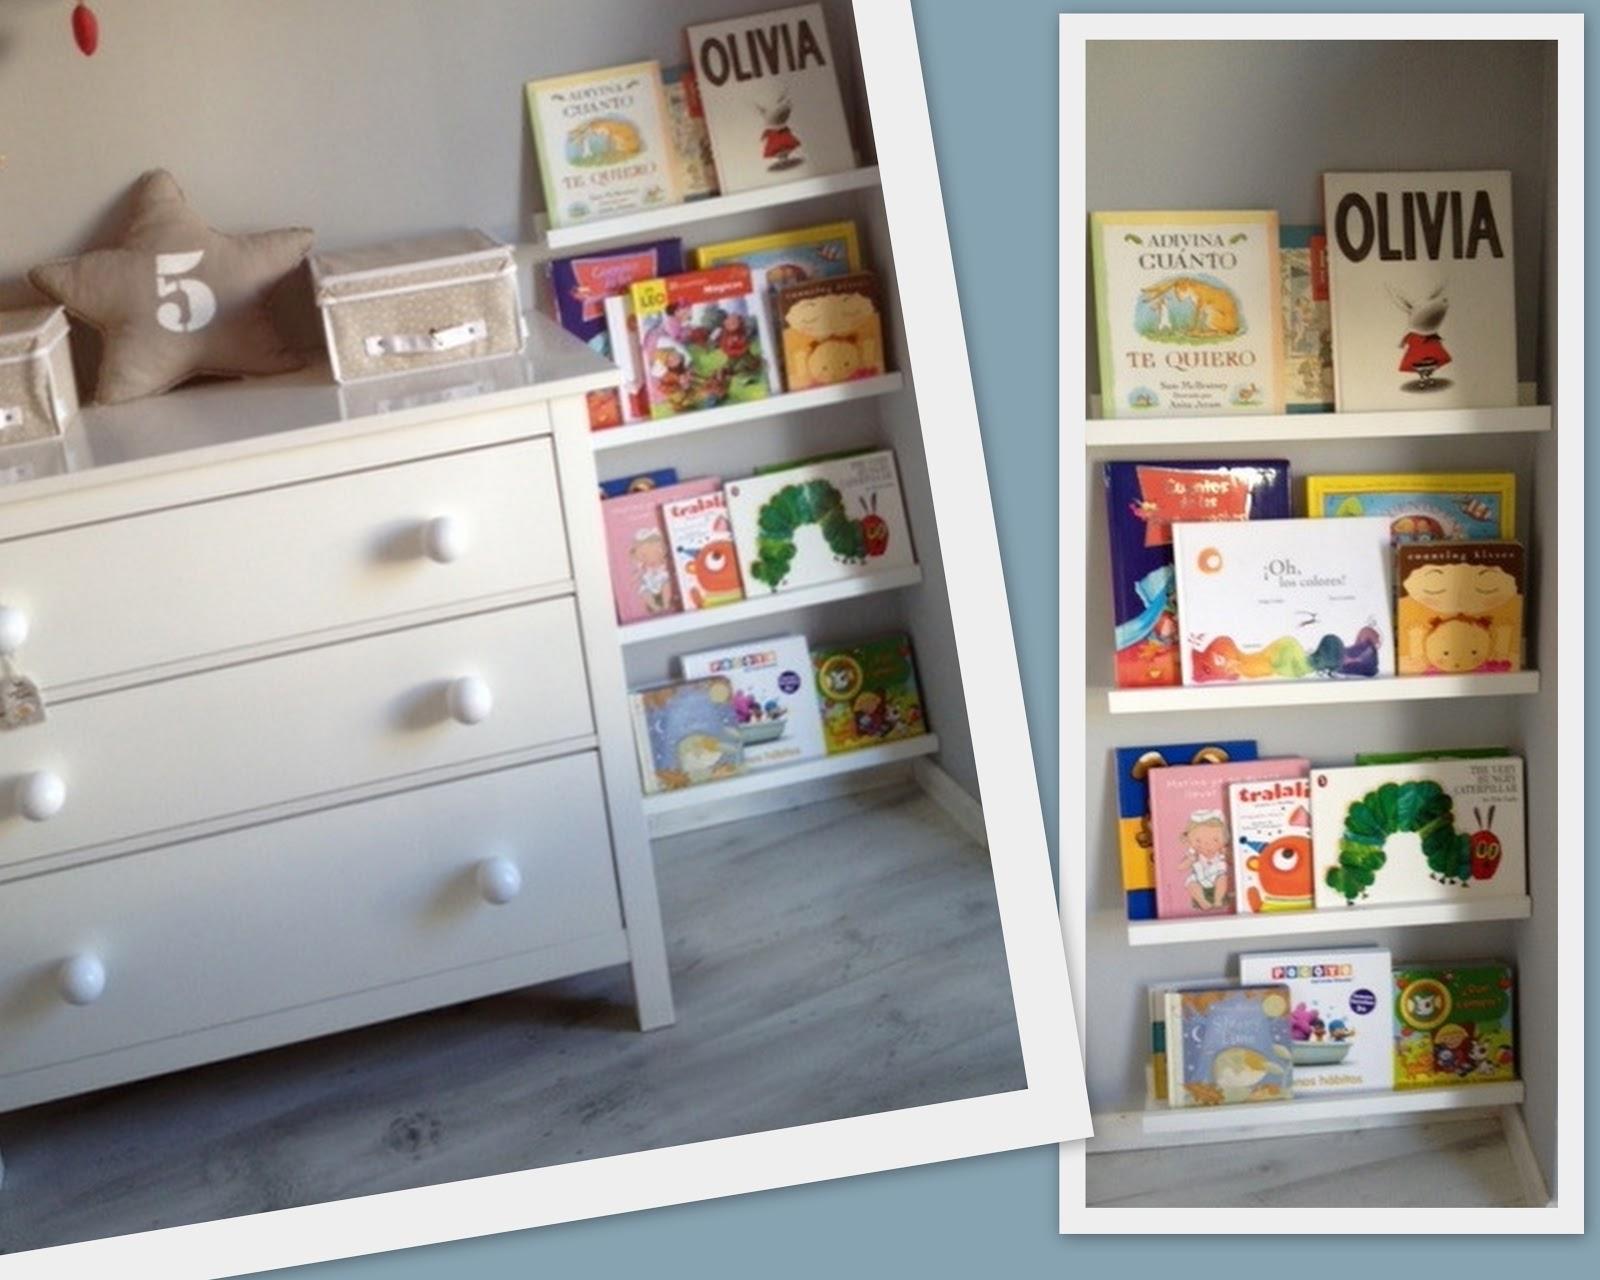 Vistiendo a olivia estanterias para libros - Ikea estanterias ninos ...